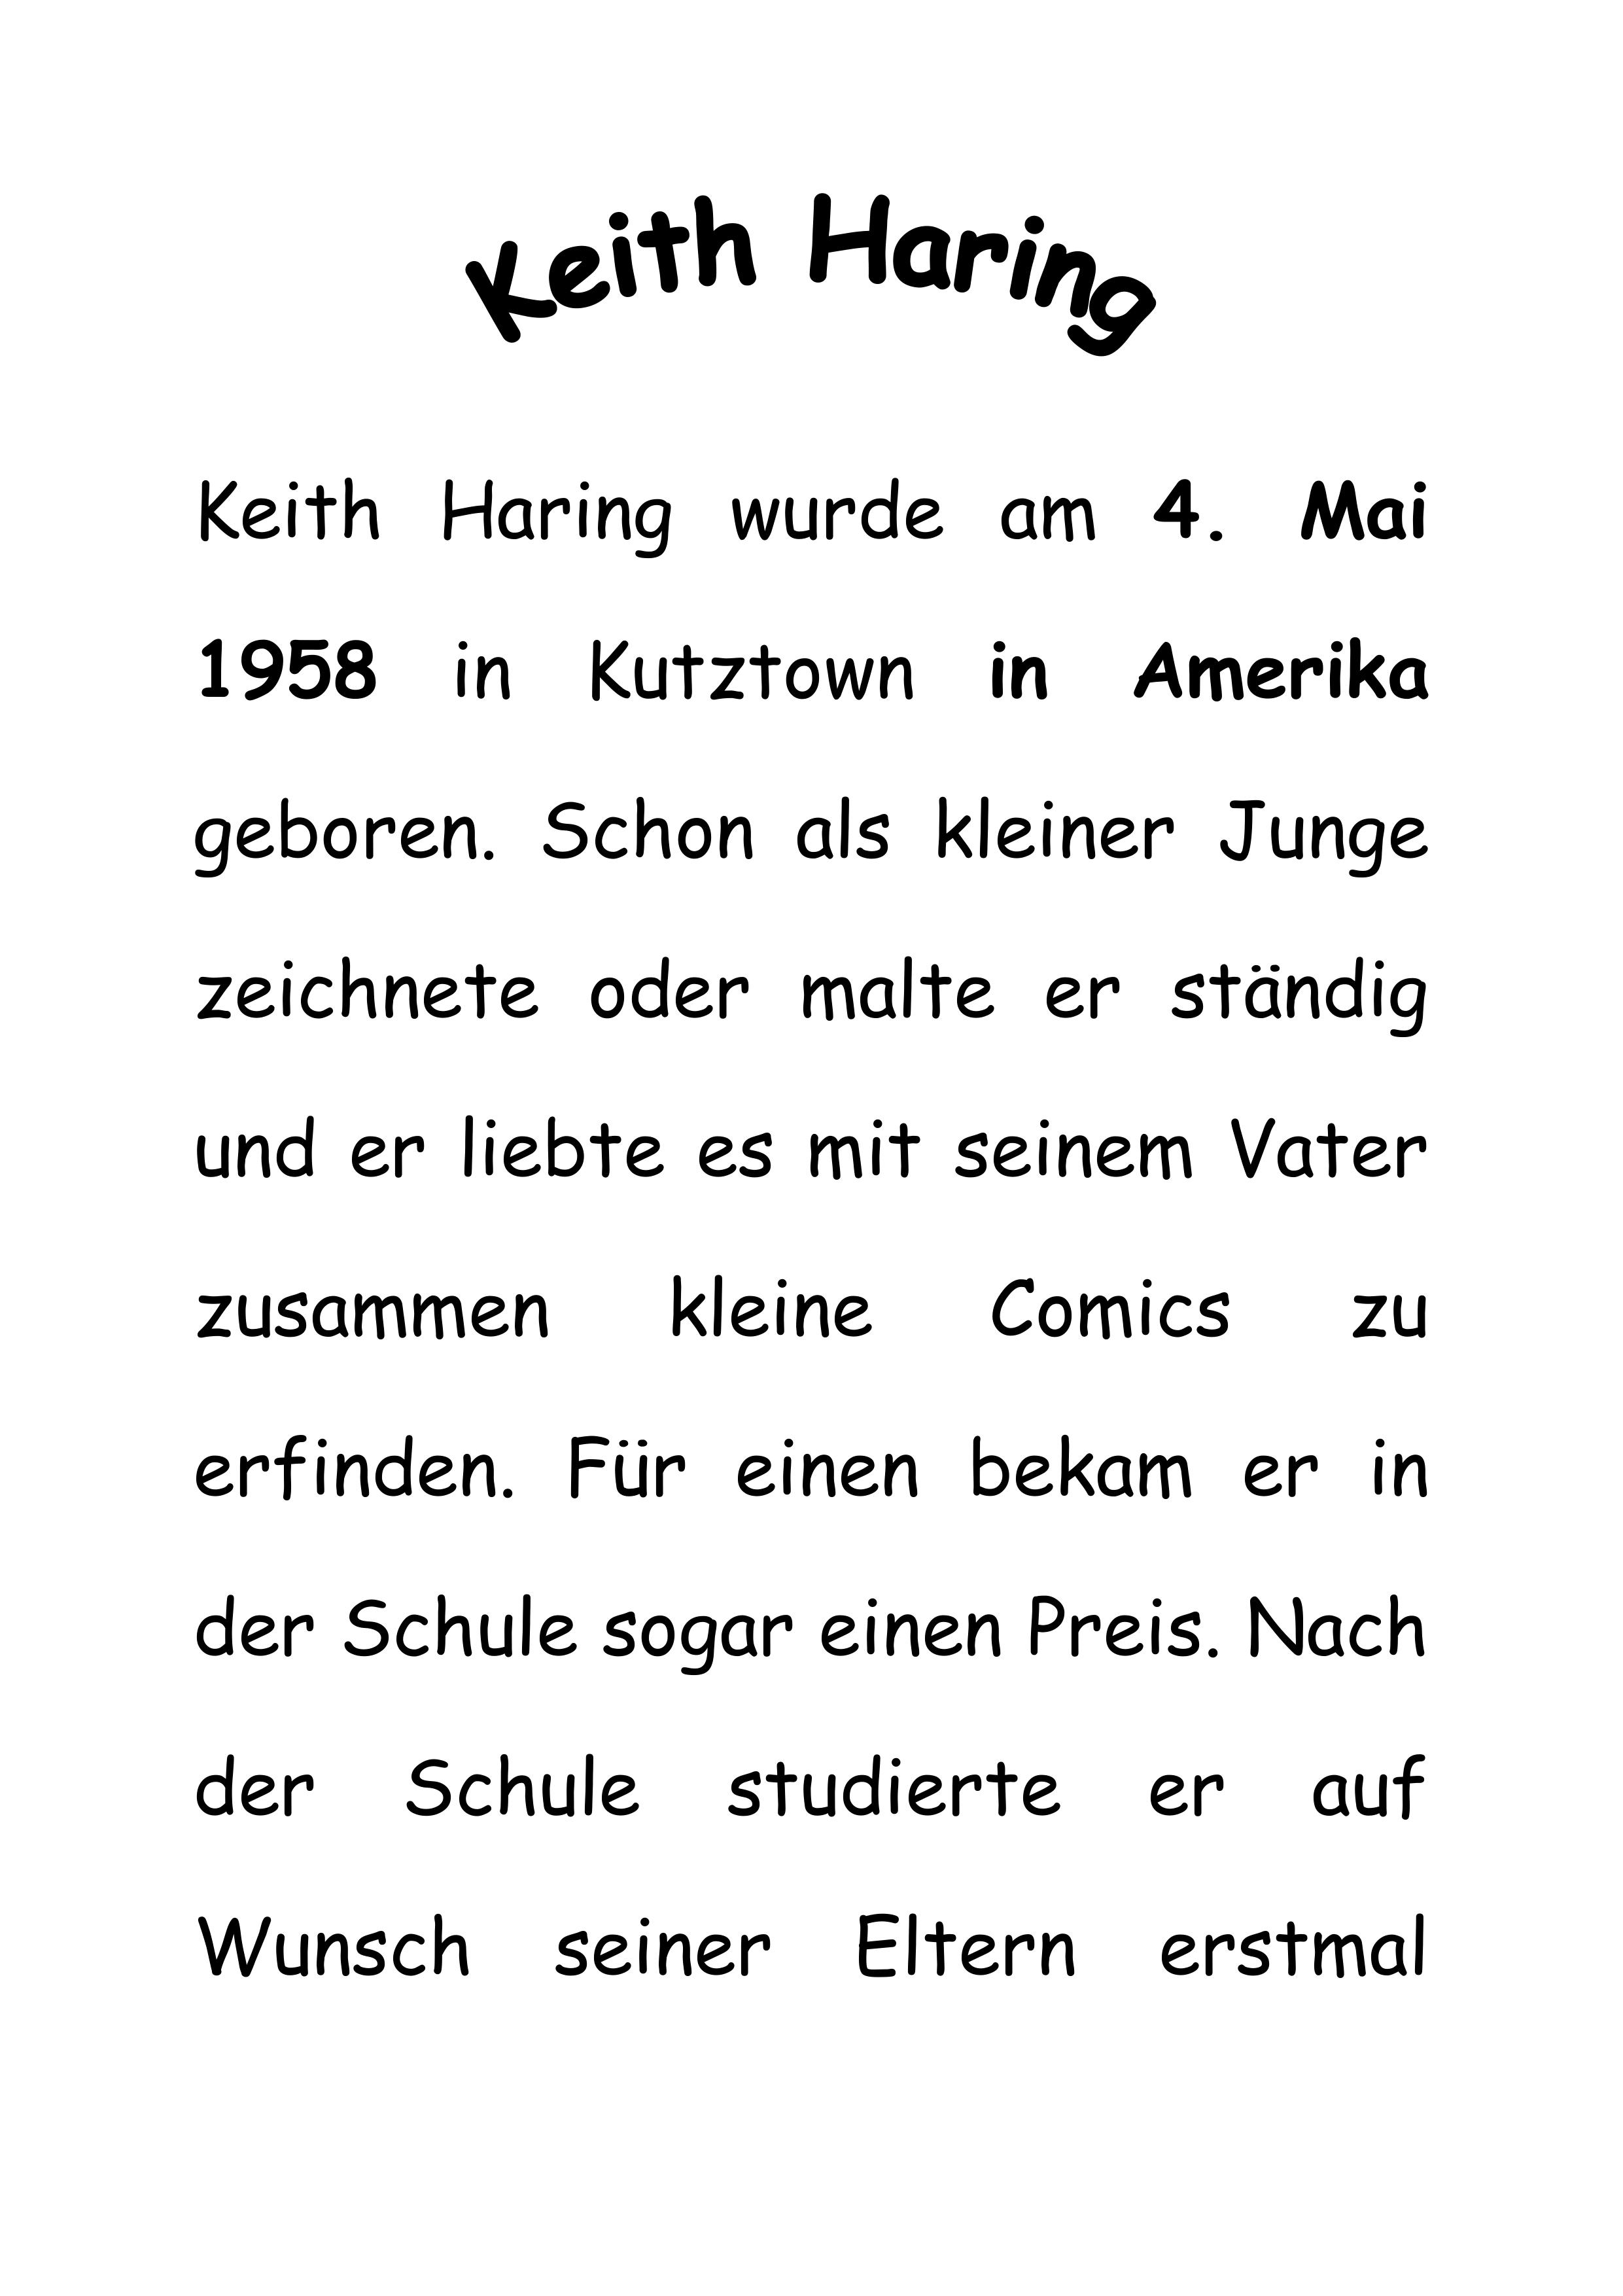 Kurze Informationstexte Ueber Keith Haring Unterrichtsmaterial Im Fach Kunst Keith Haring Kunstunterricht Keith